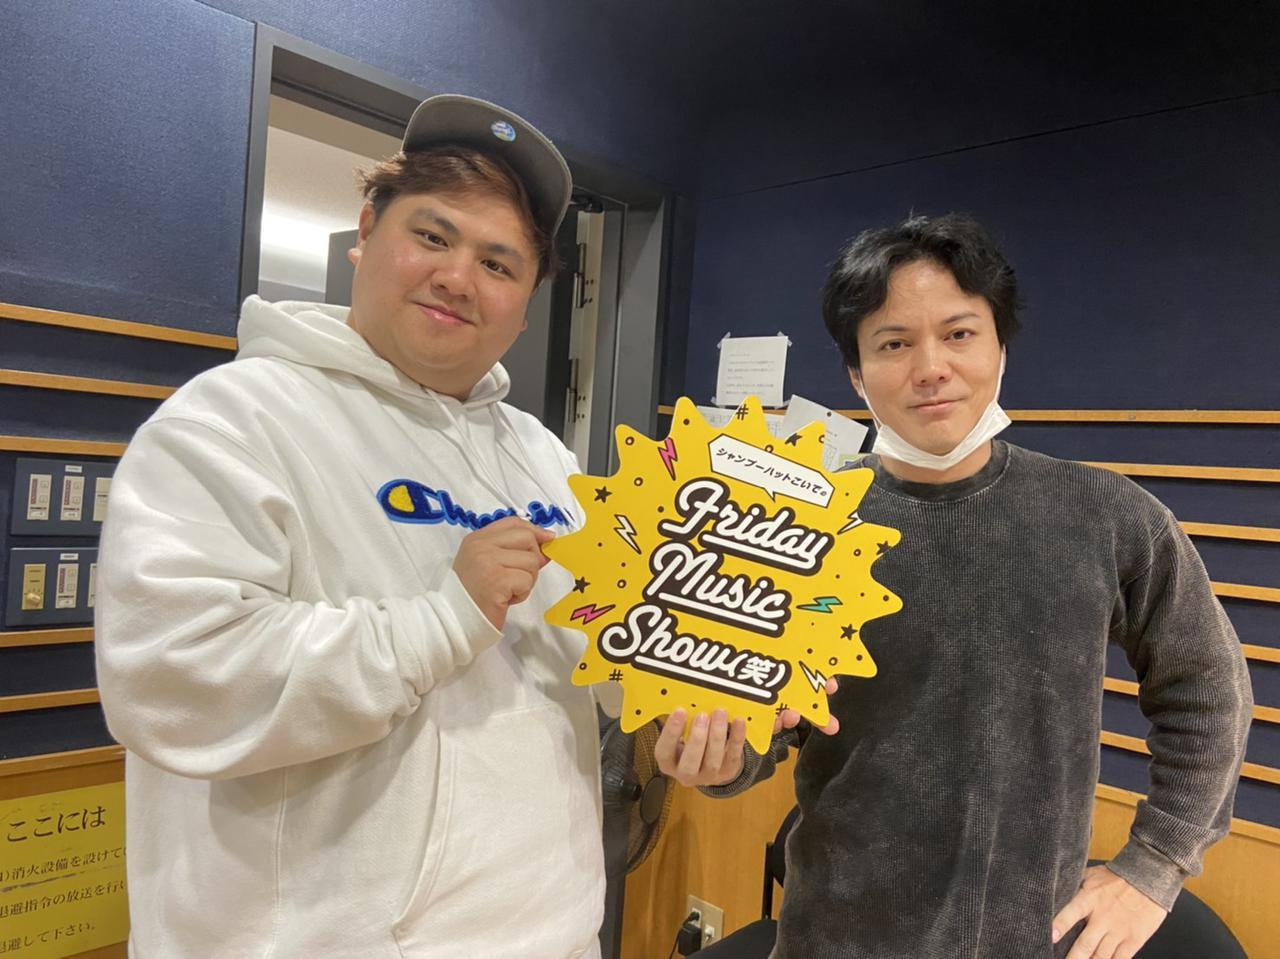 画像: 3月13日(金) シャンプーハットこいでのFriday Music Show(笑)